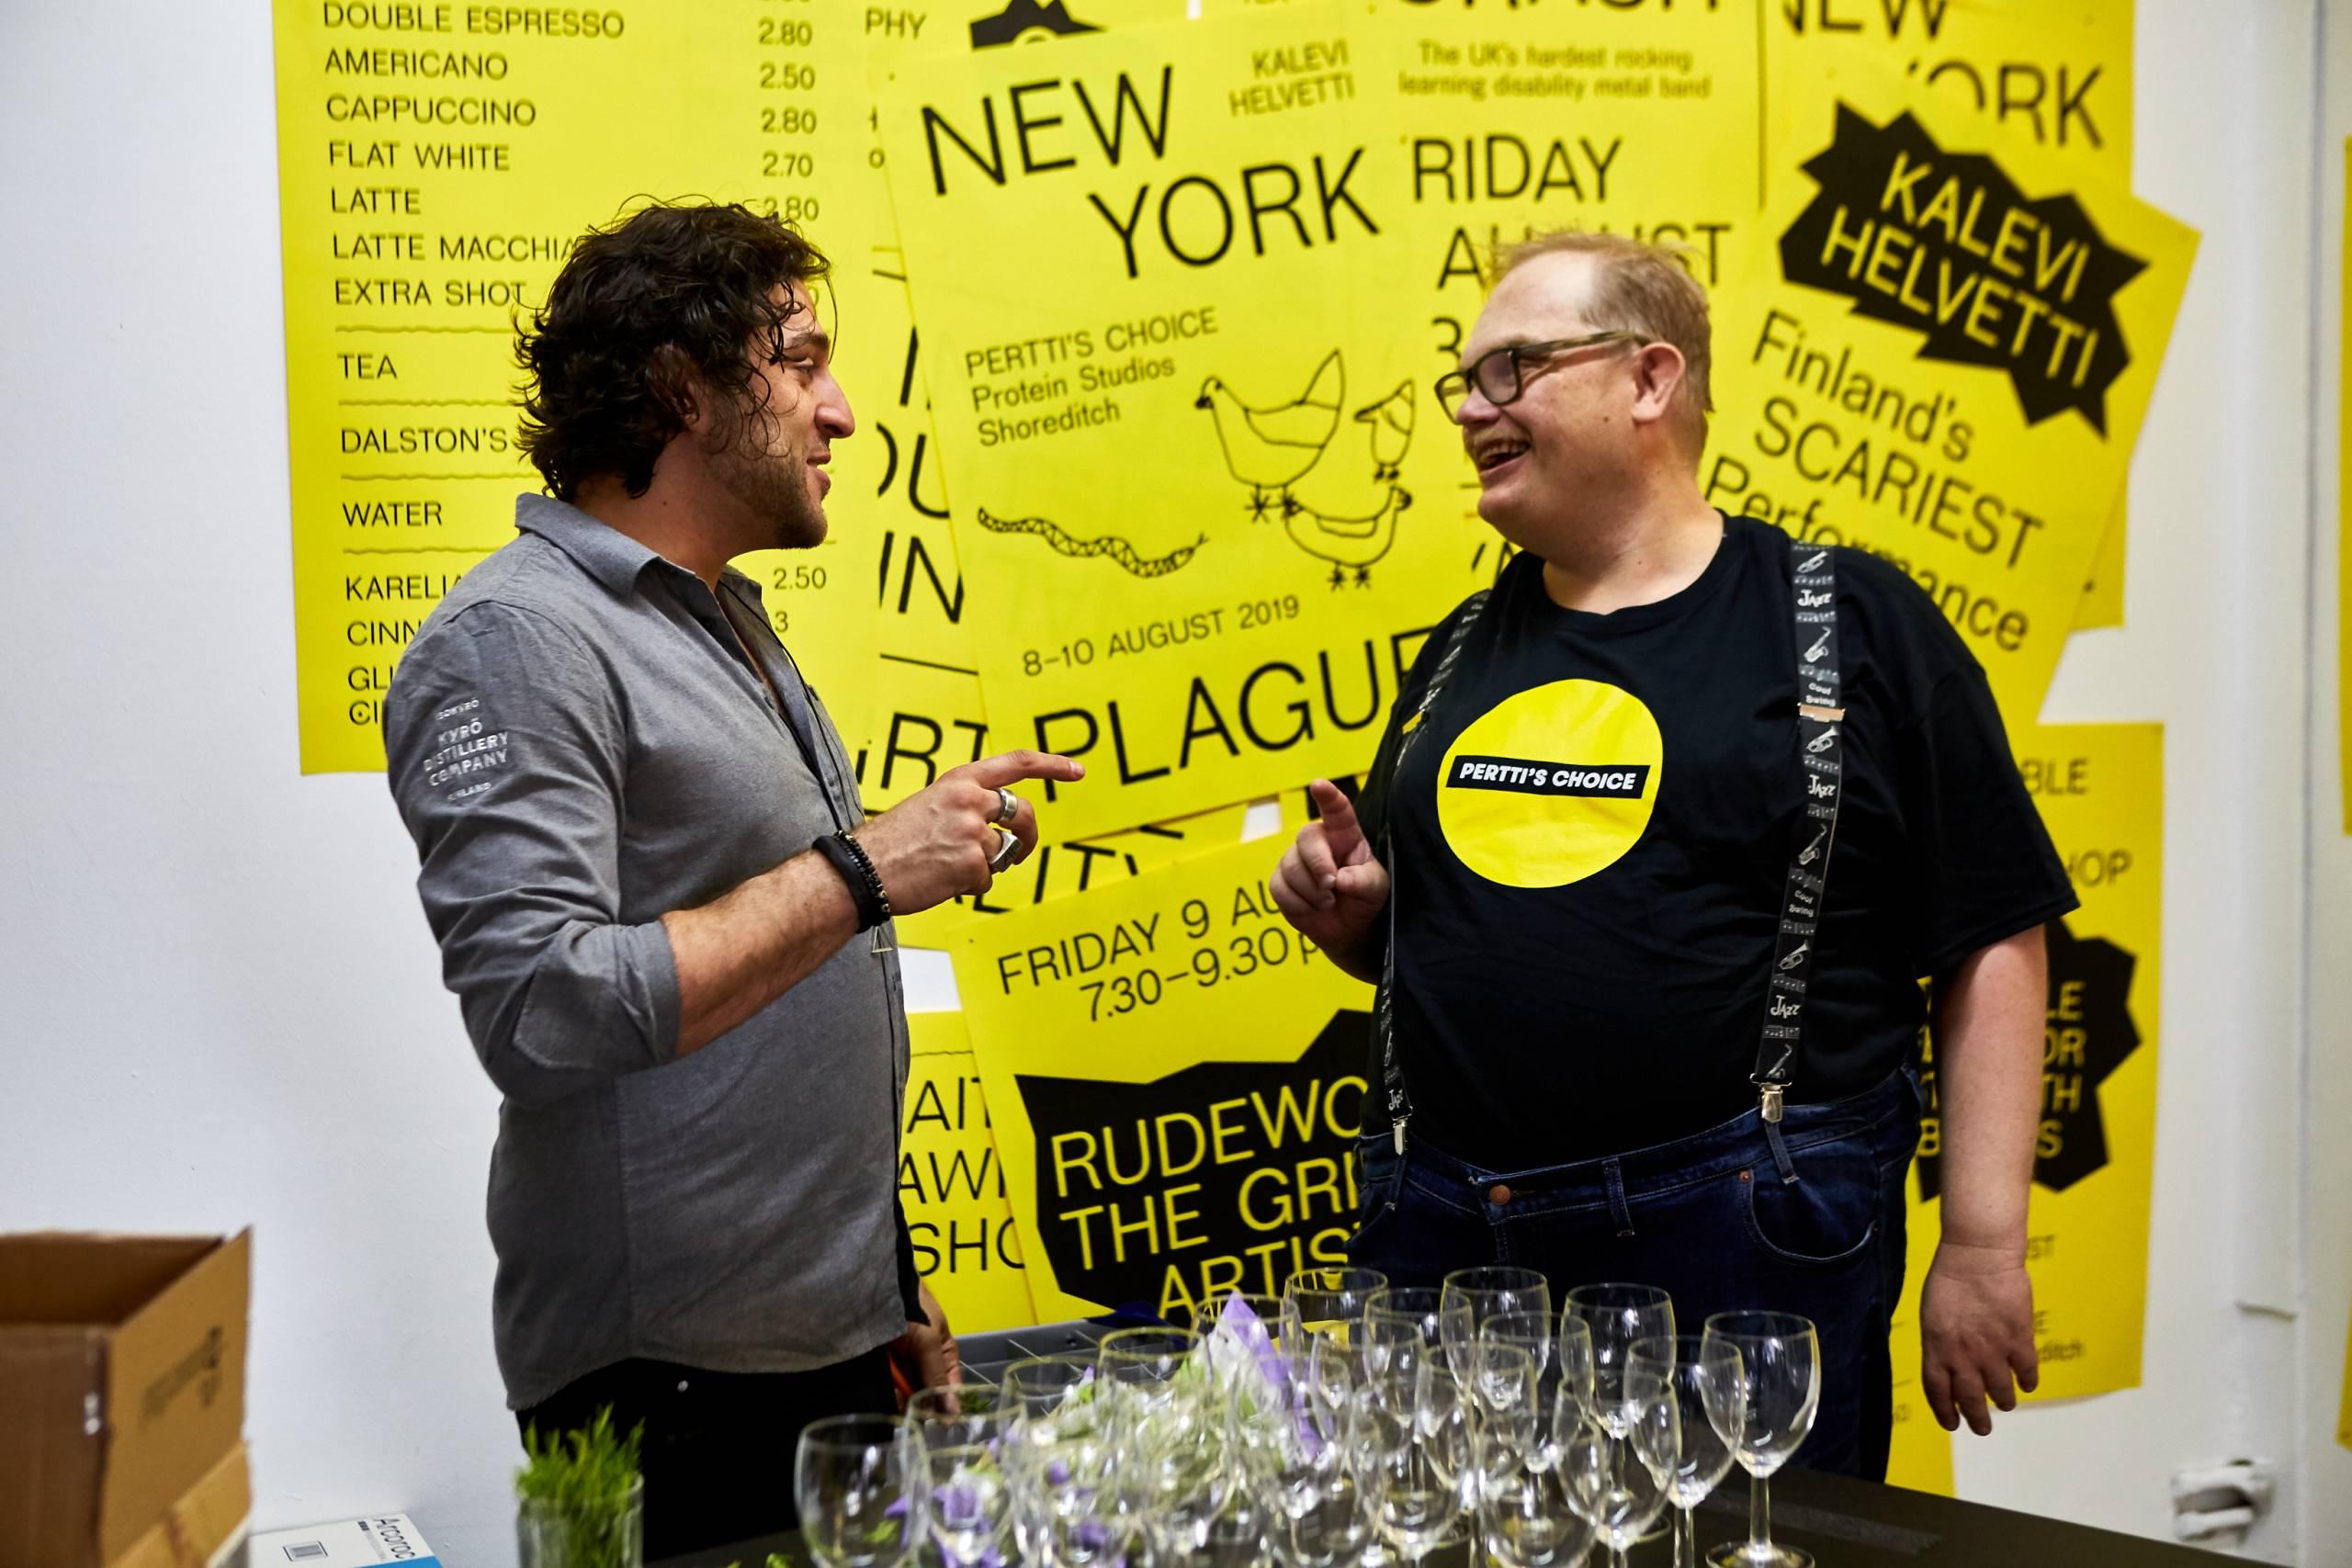 Pertti's Choice pop up -tapahtumasta Lontoosta 2019. Kaksi miestä juttelee hymyillen. Edustalla näkyy tyhjiä viinilaseja, Taustalla keltaisia julisteita.